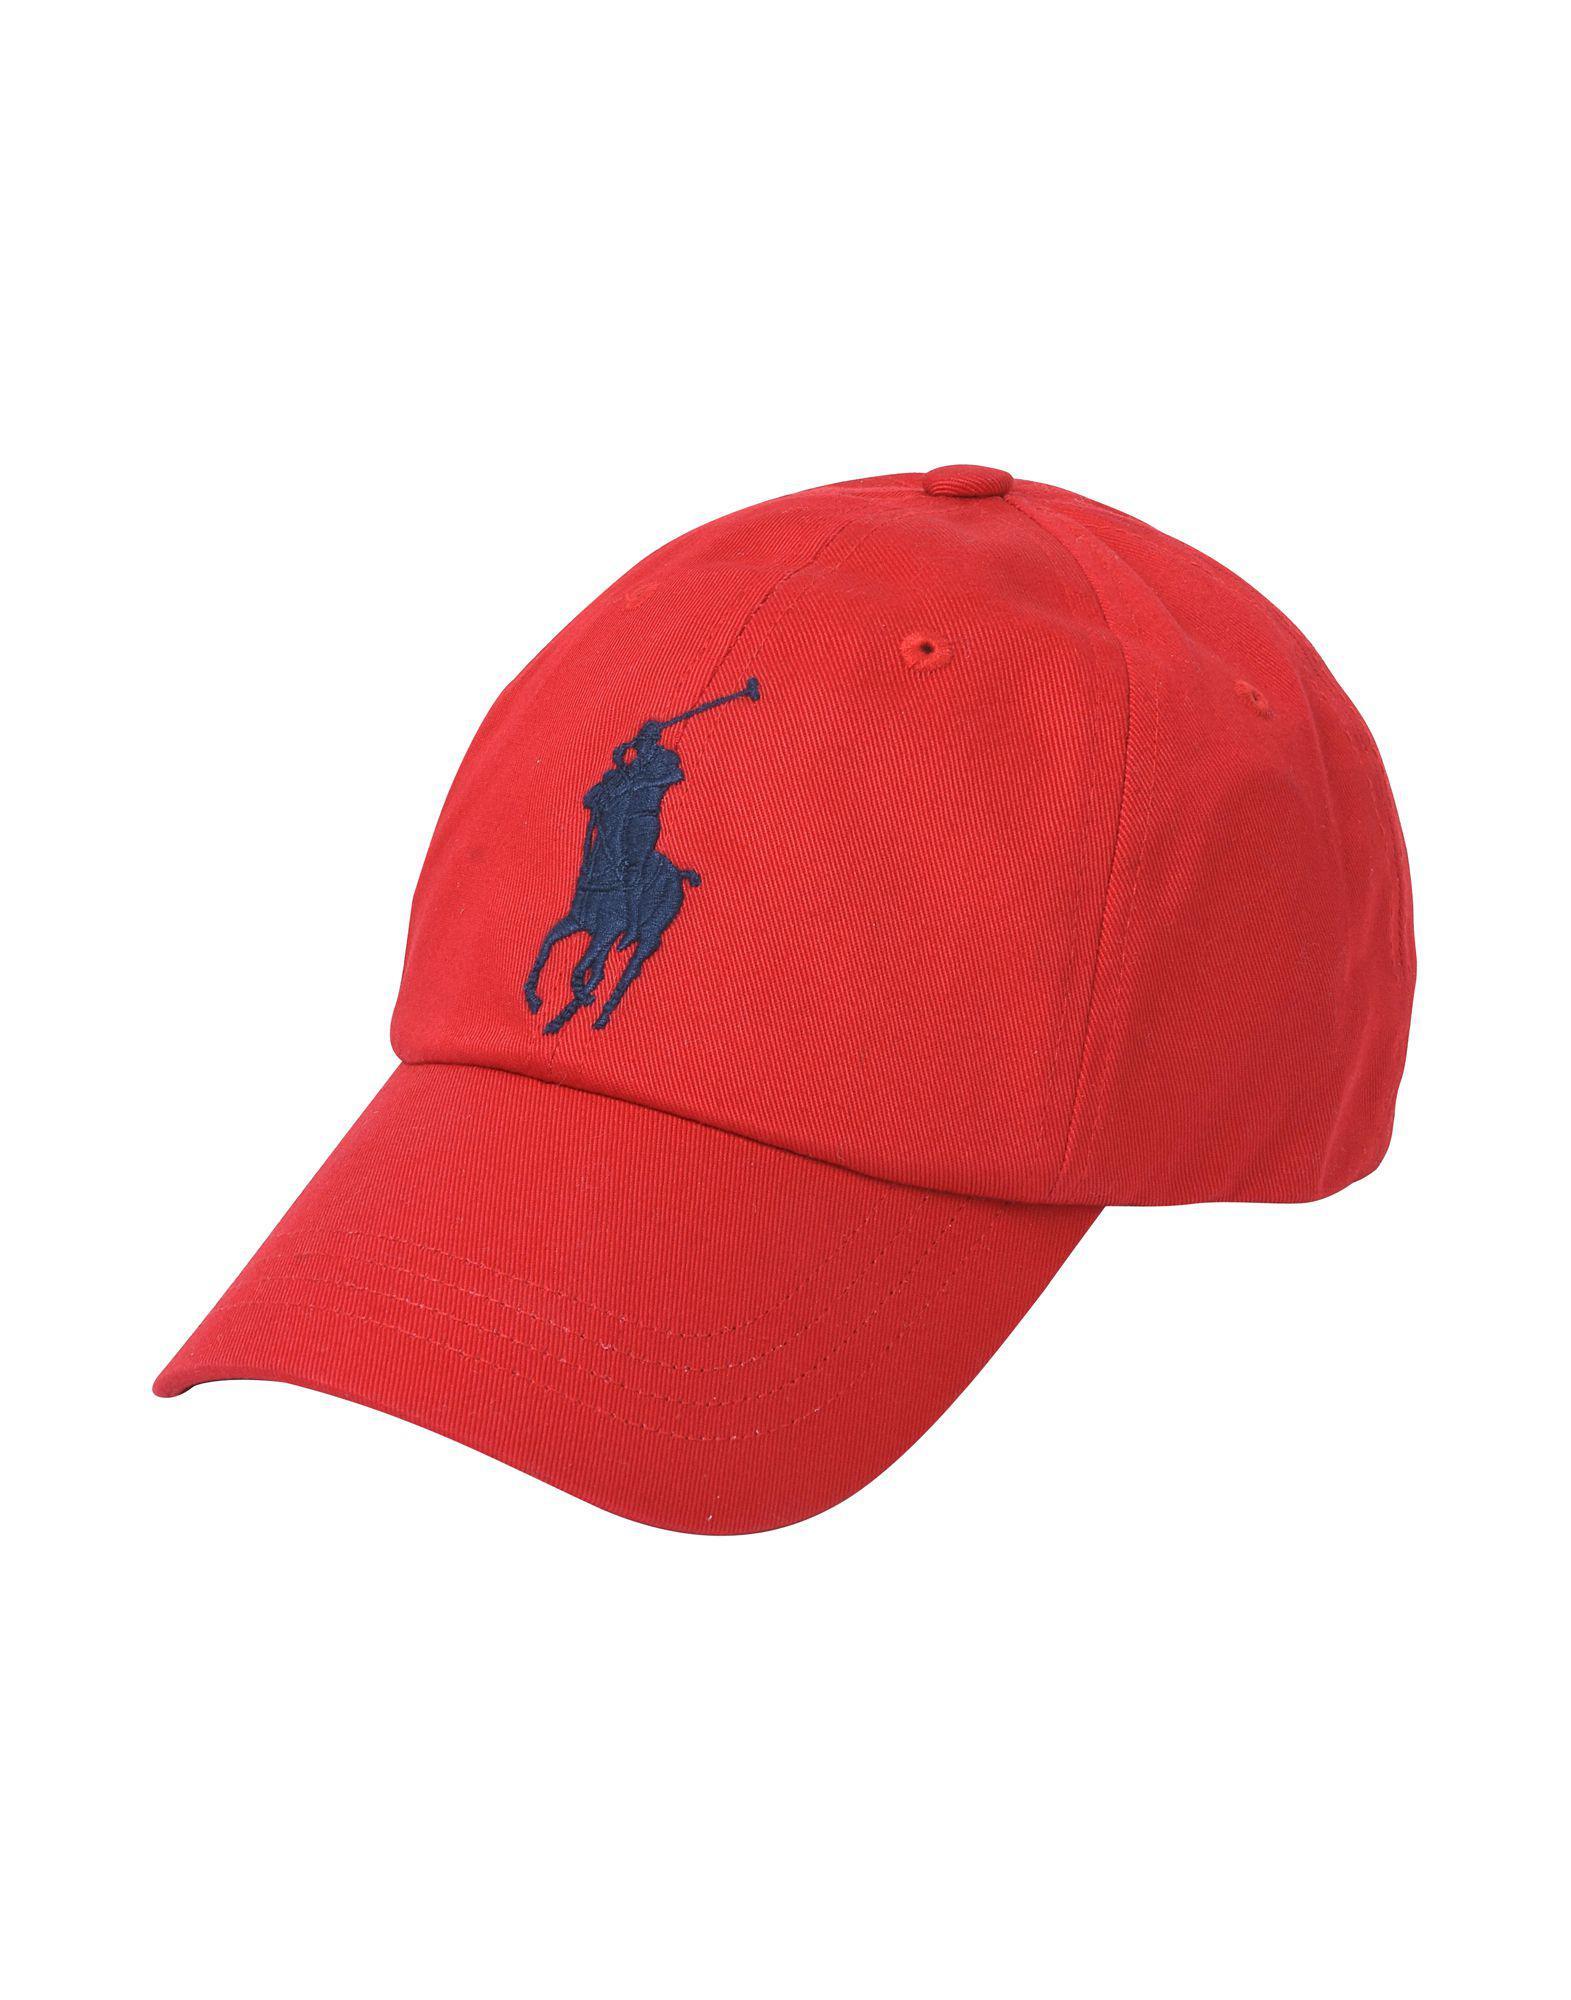 8af3f2ca57a6 Lyst - Chapeau Polo Ralph Lauren pour homme en coloris Rouge